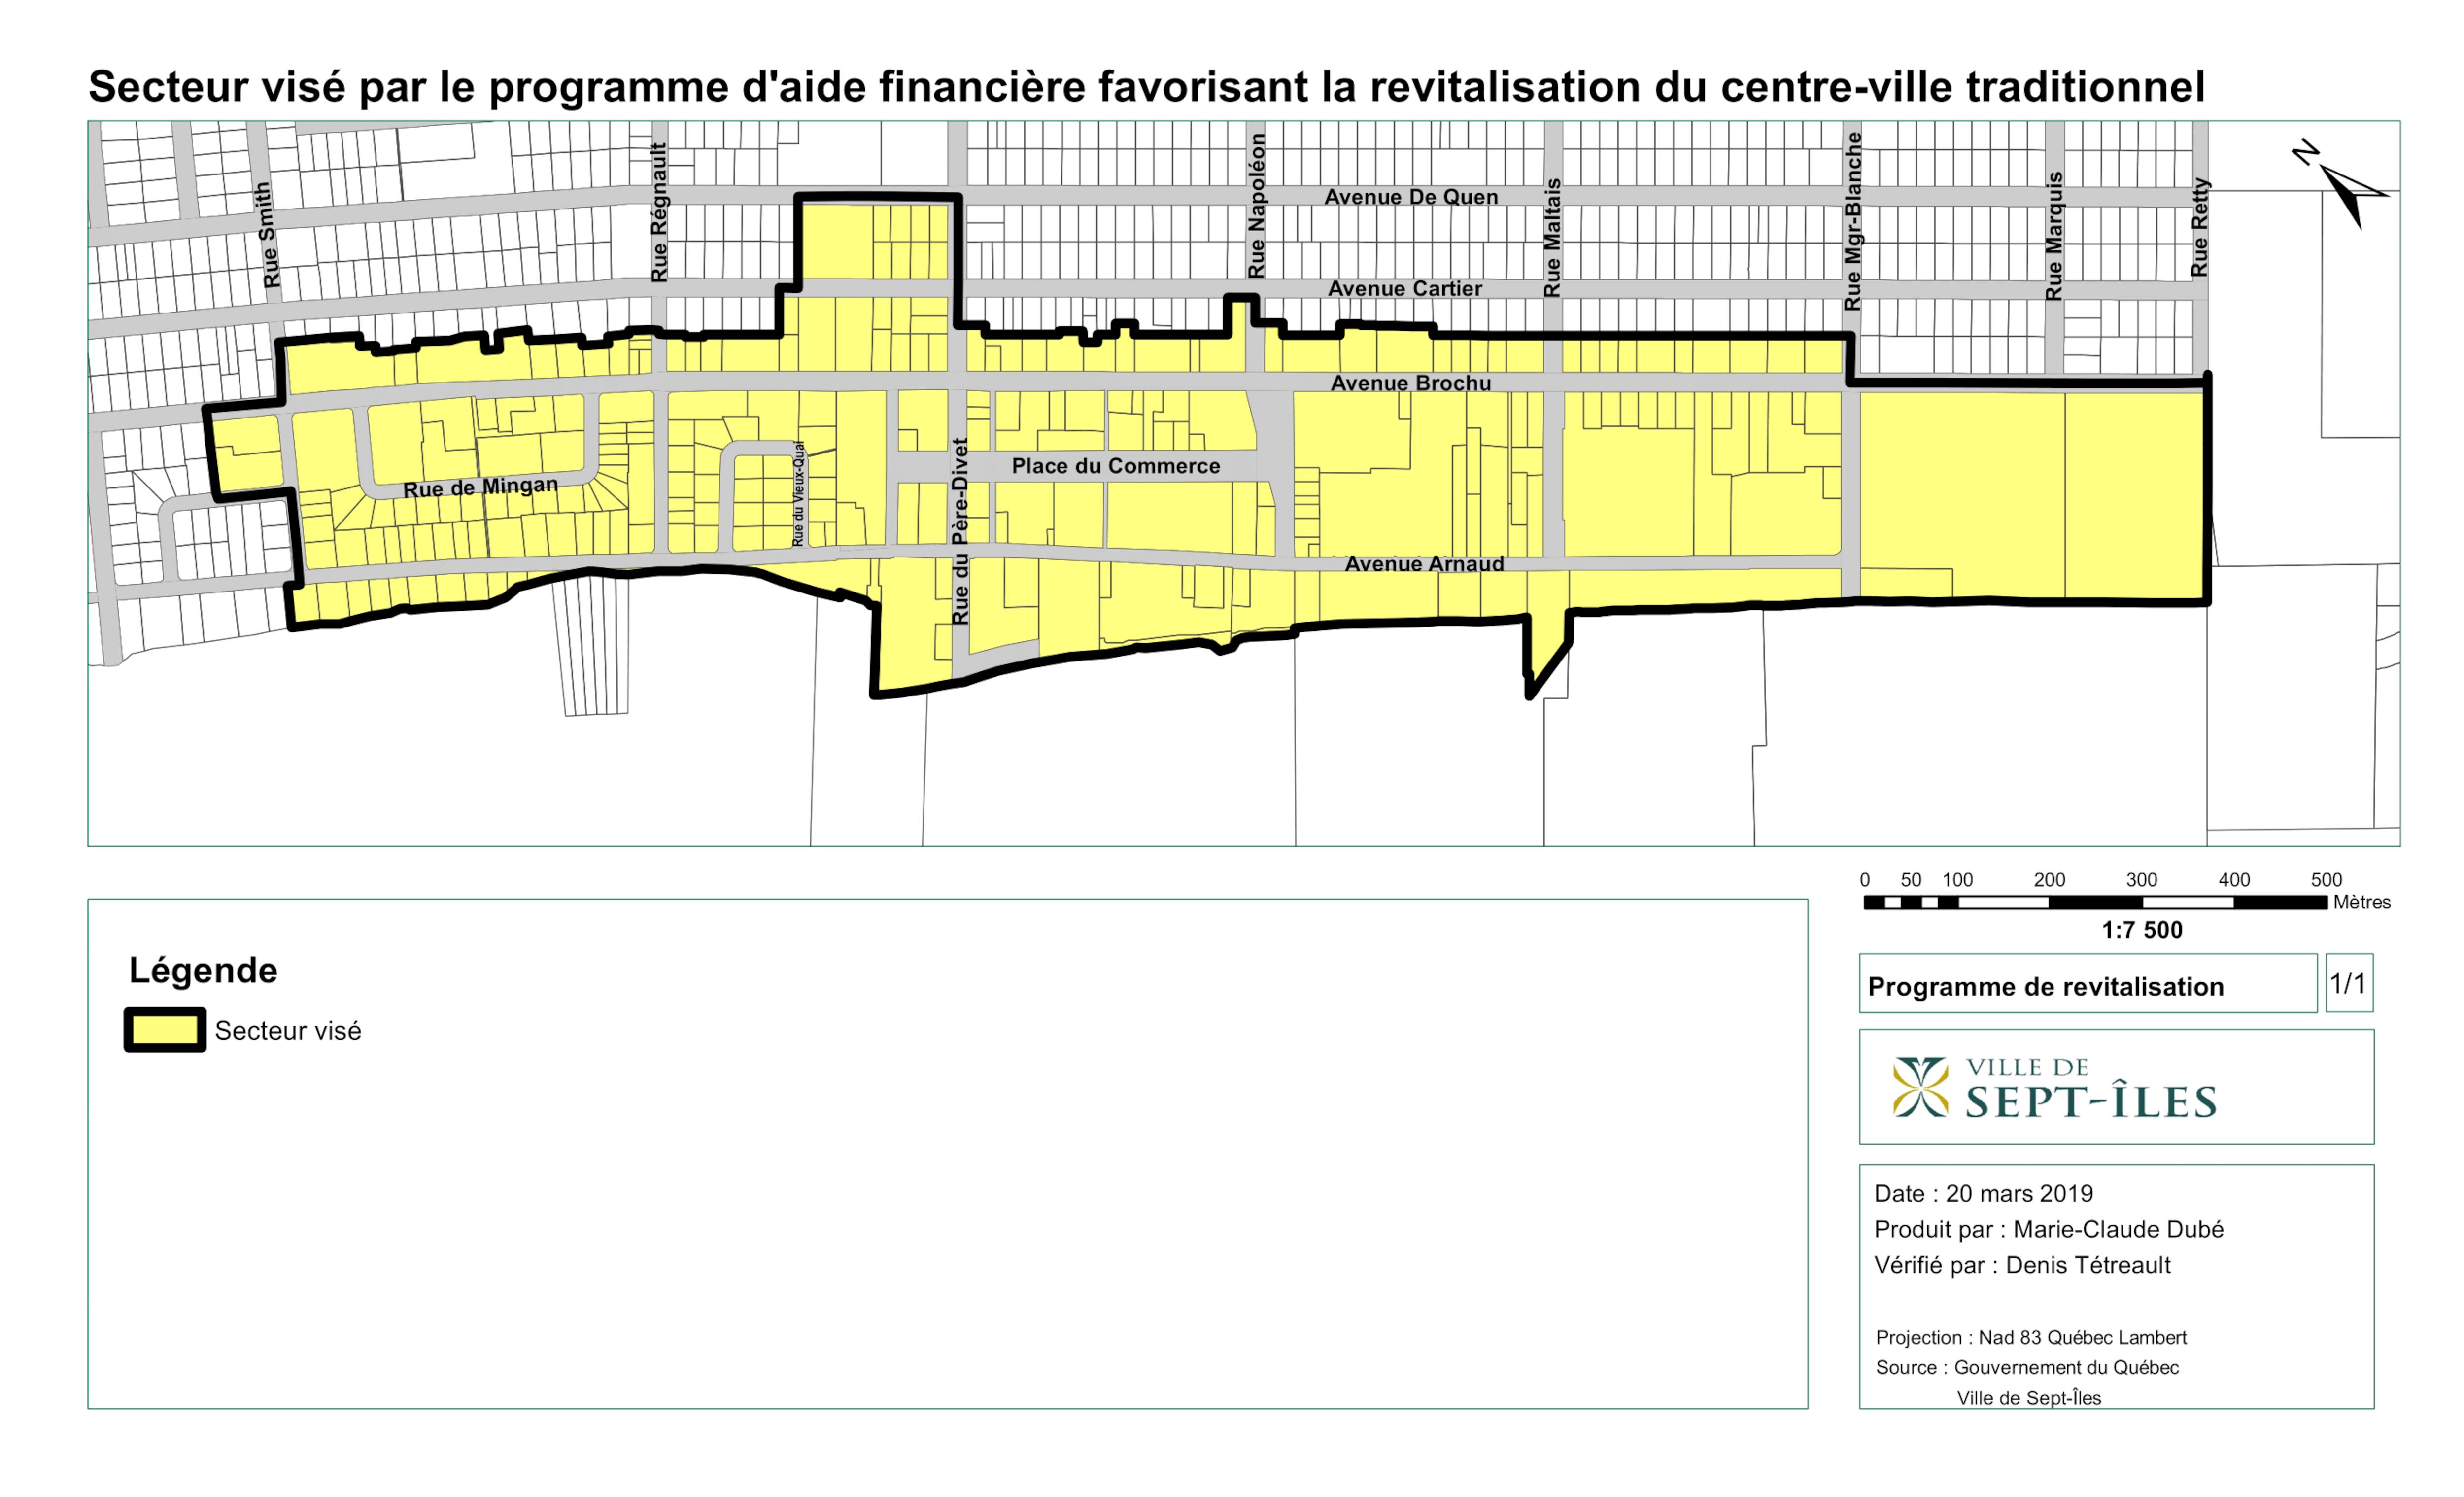 Le secteur visé par le programme d'aide financière de la Ville de Sept-Îles.